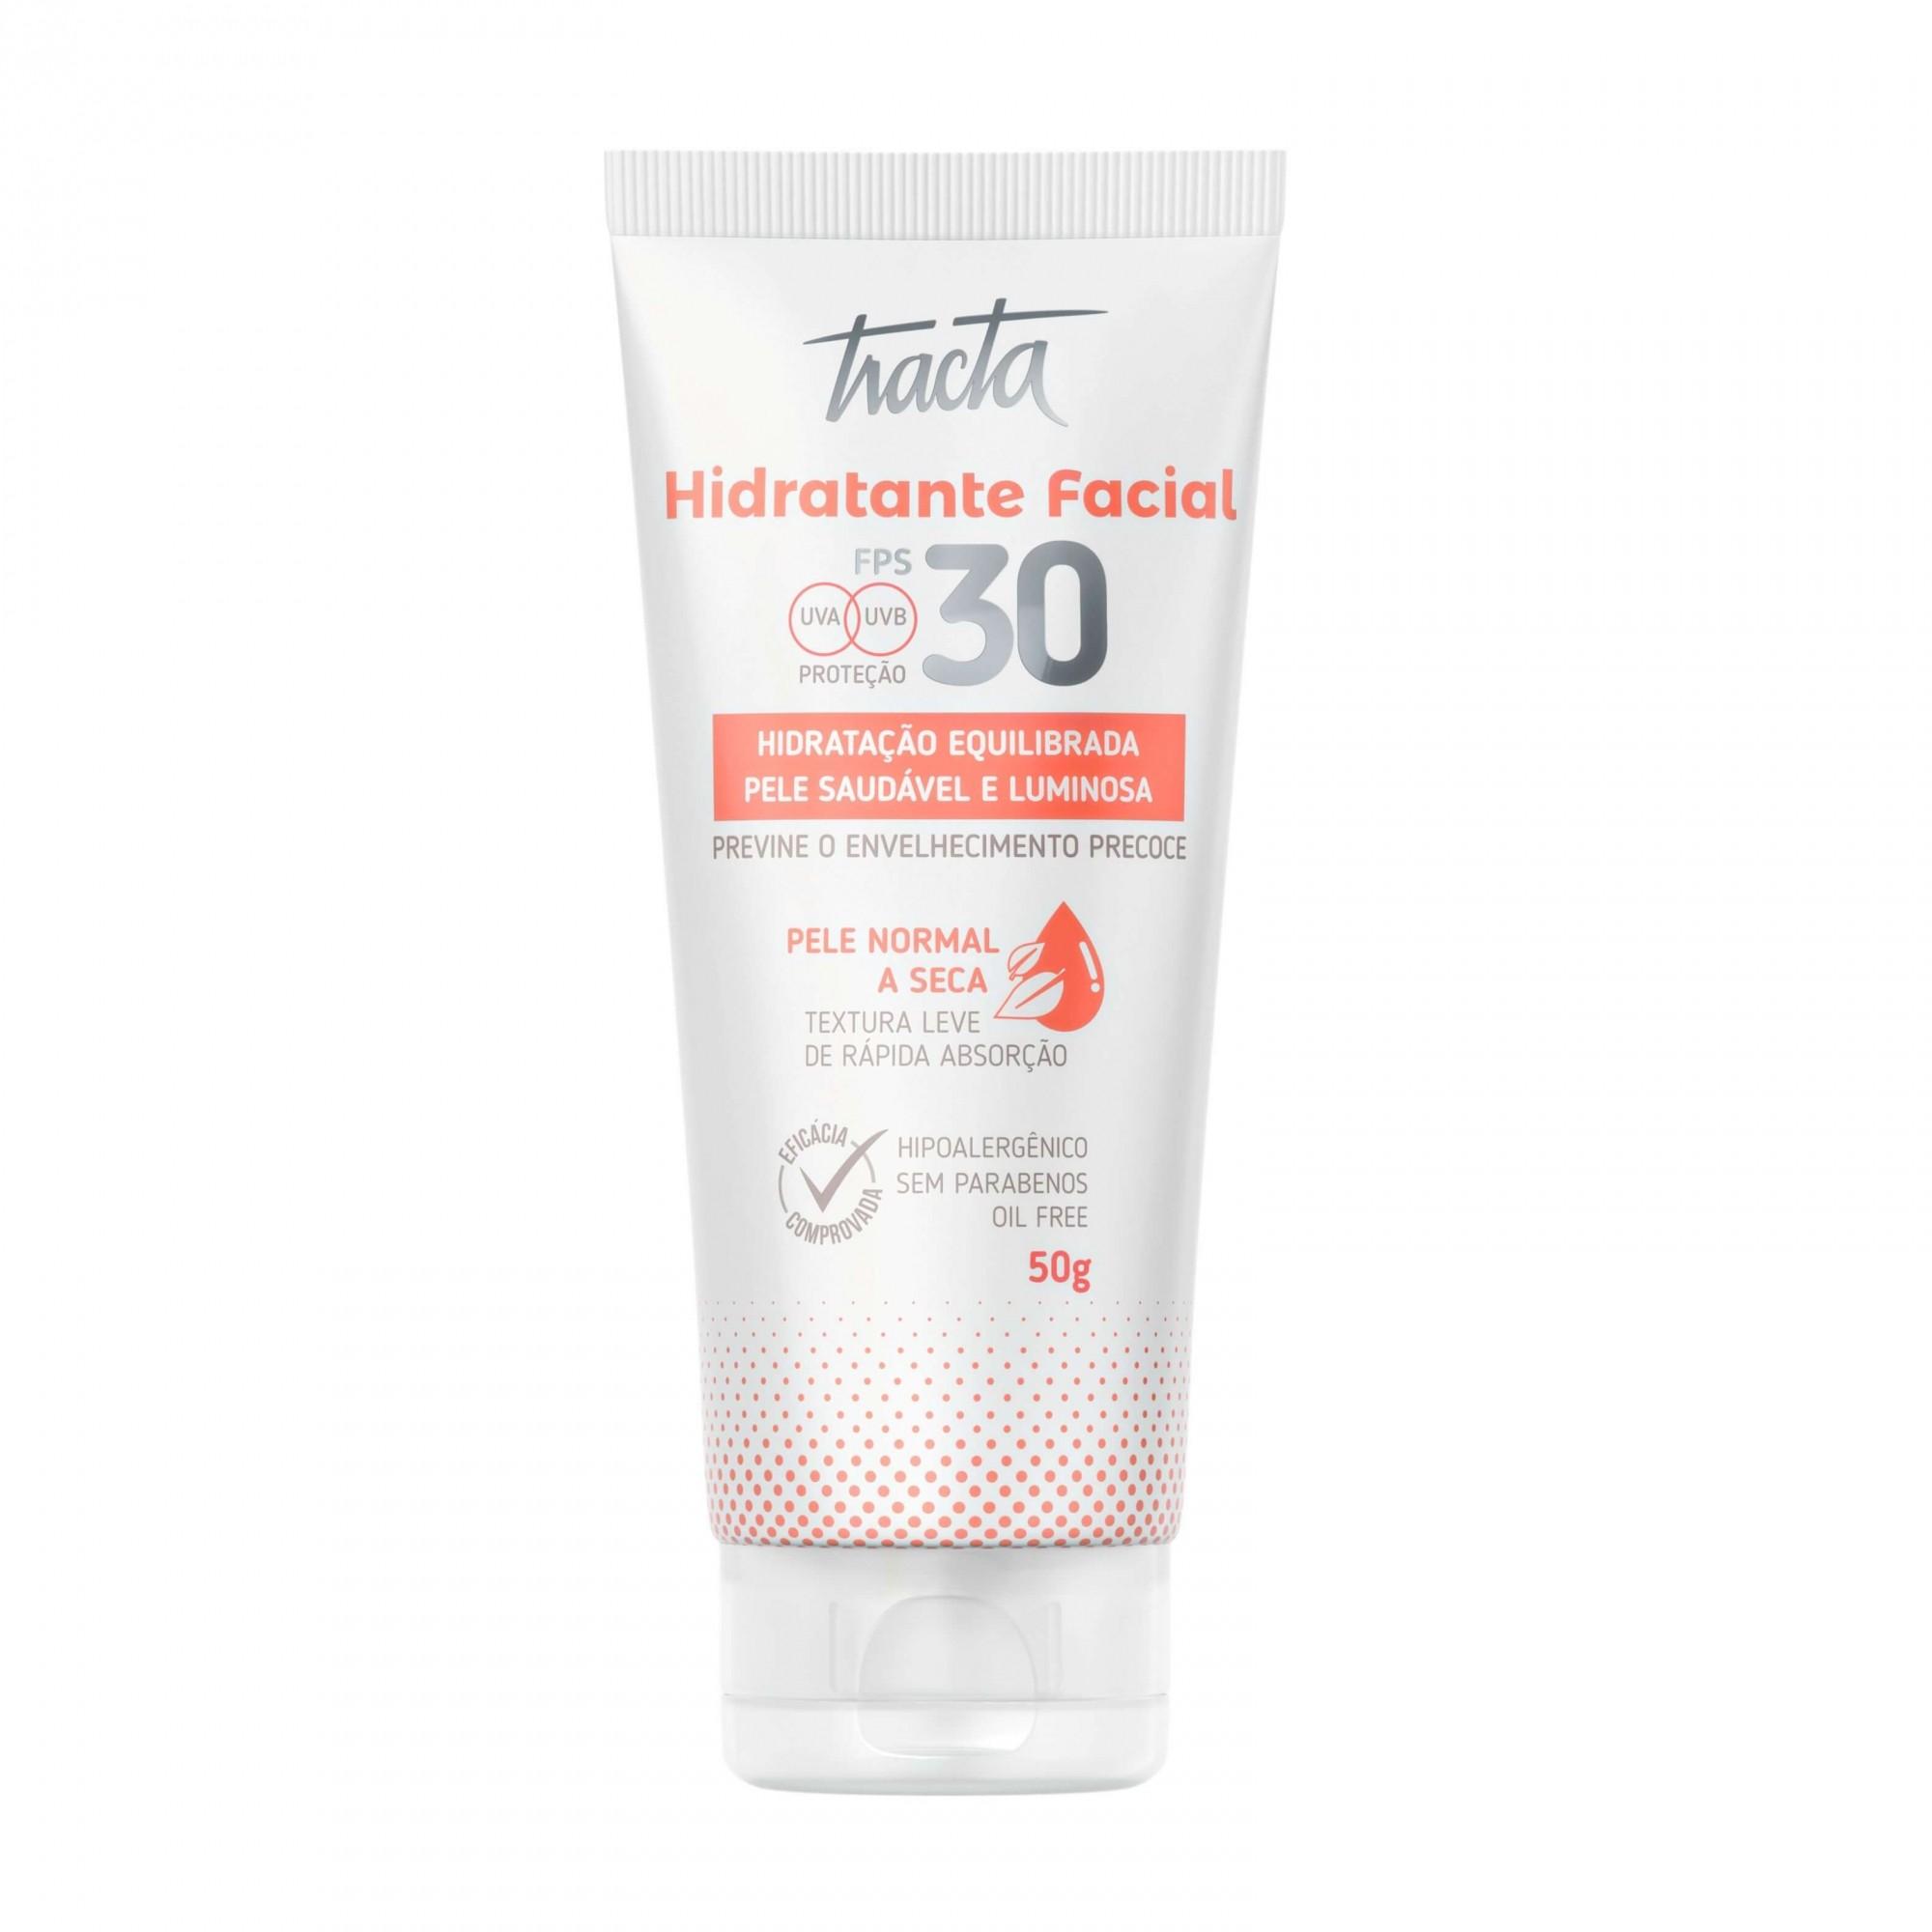 Hidratante Facial Pele Normal a Seca FPS30 Tracta 50g